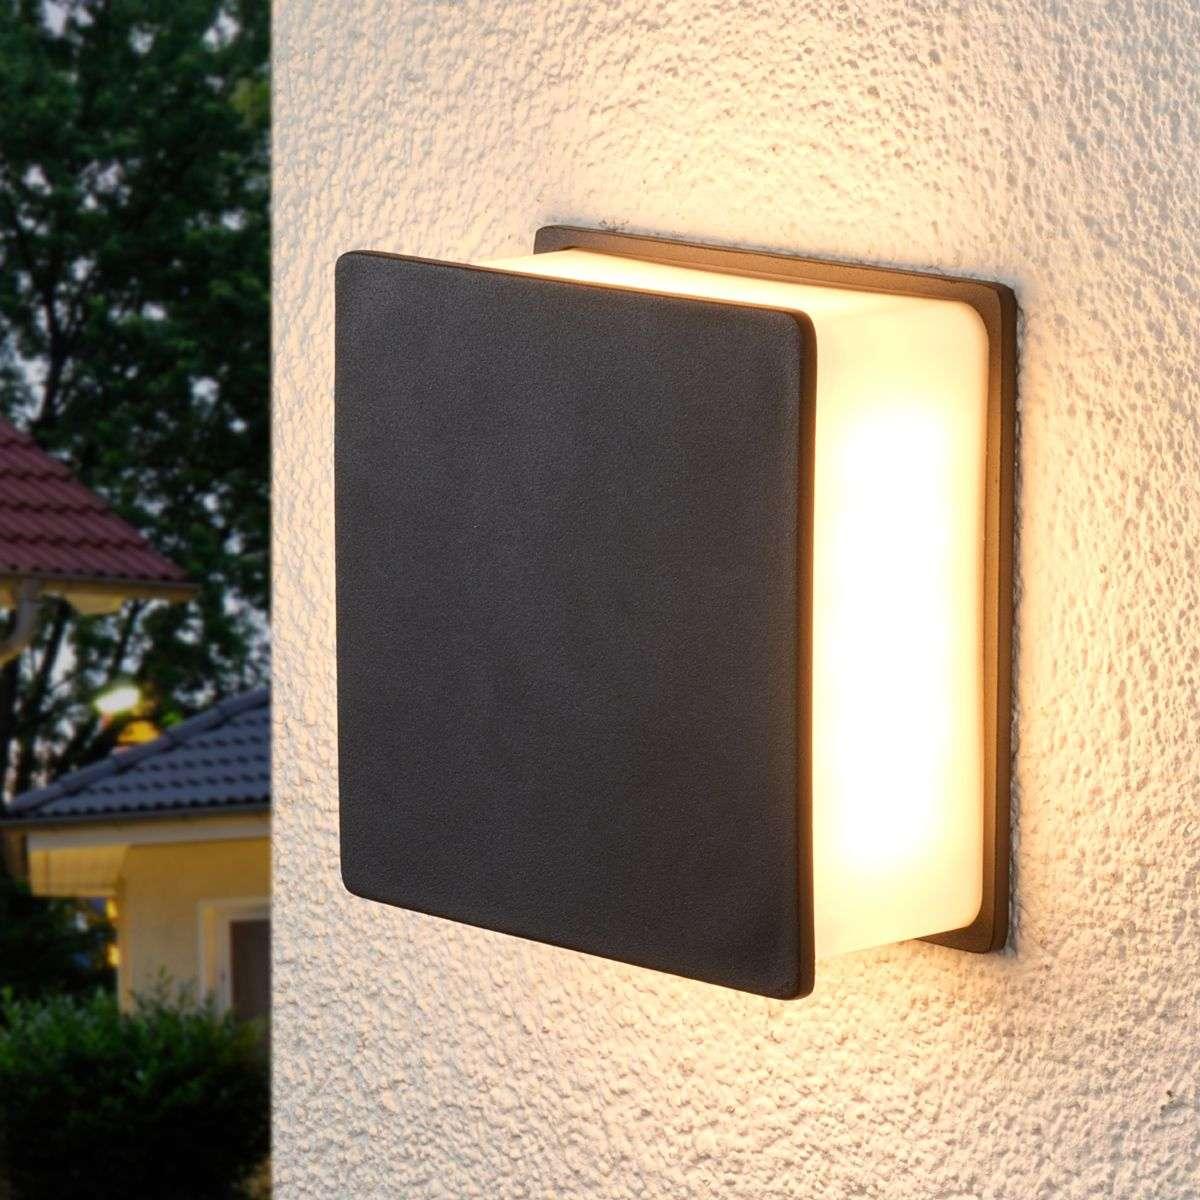 Indirect shining led wall light isida outdoors lights indirect shining led wall light isida outdoors 9647054 31 aloadofball Choice Image